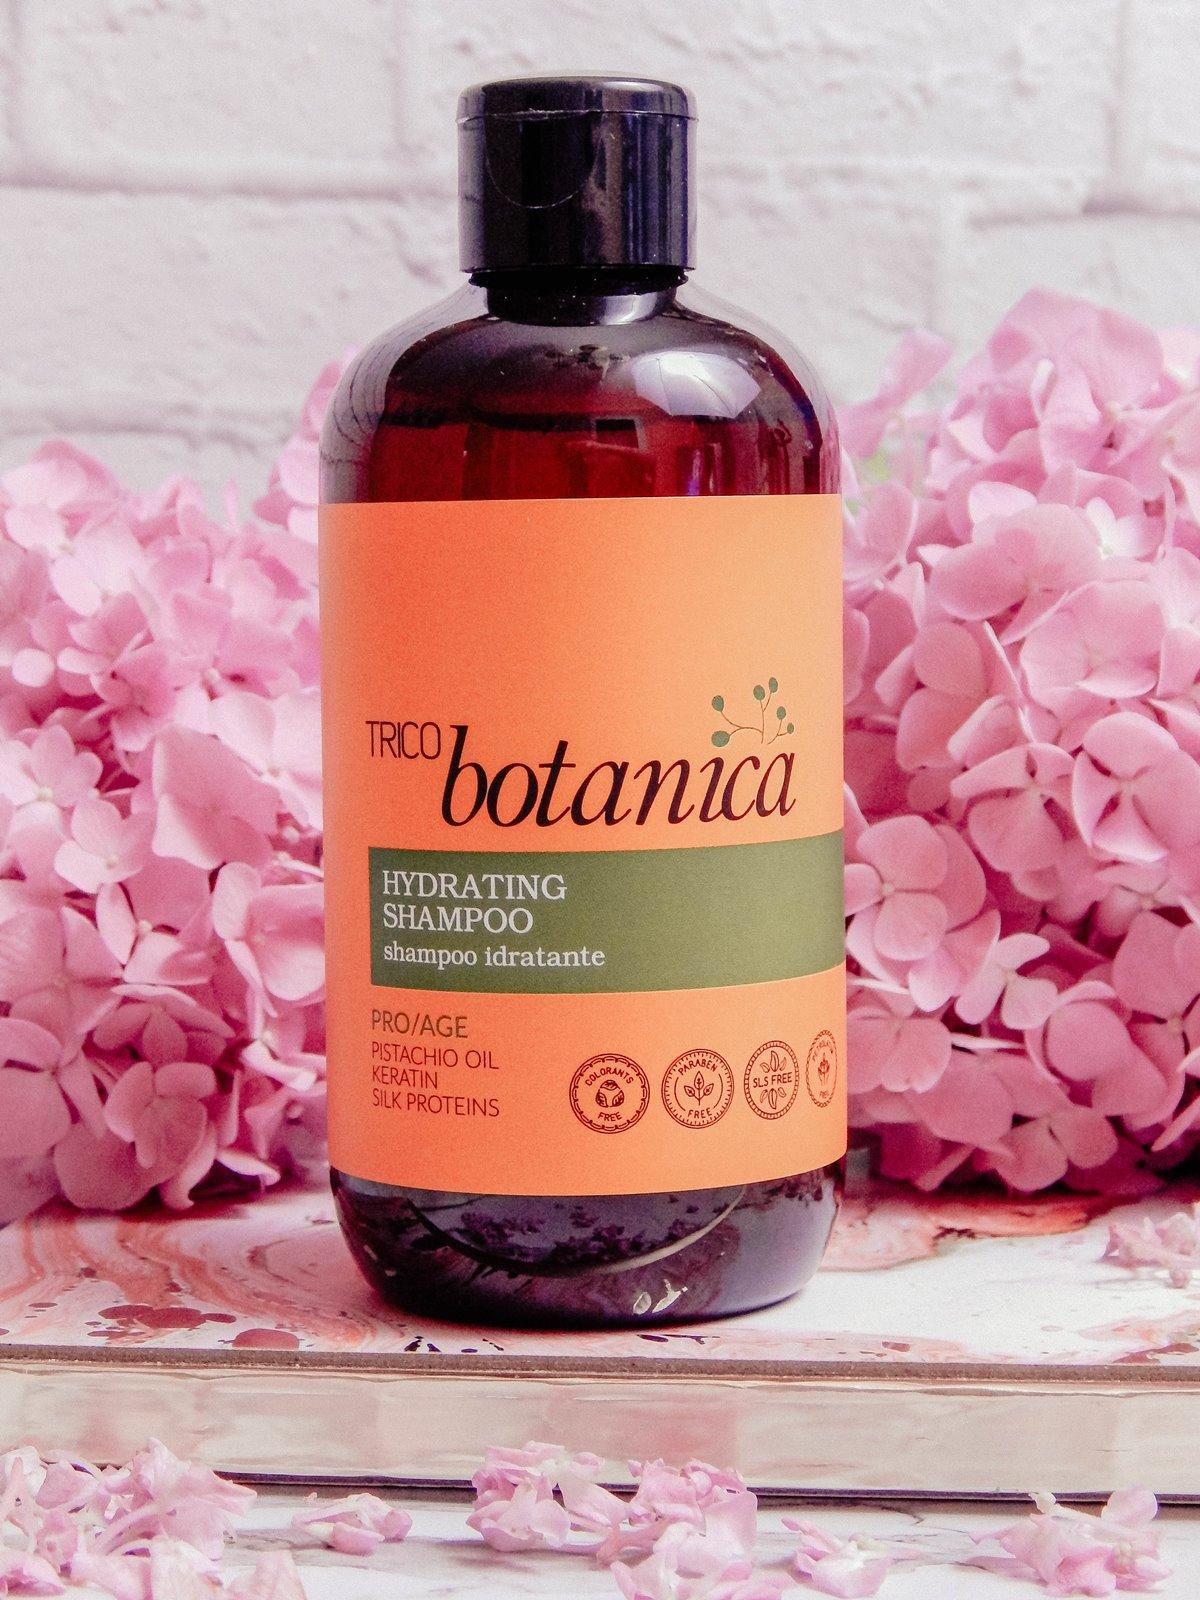 5 recenzja nowości kosmetyczne trico botanica szampon odzywka opinie recenzja pink marshmallow i love balmi recenzja nutka balsam do higieny intymnej okłady maska na oczy rozgrzewająca balsam strawberries and cream seba med